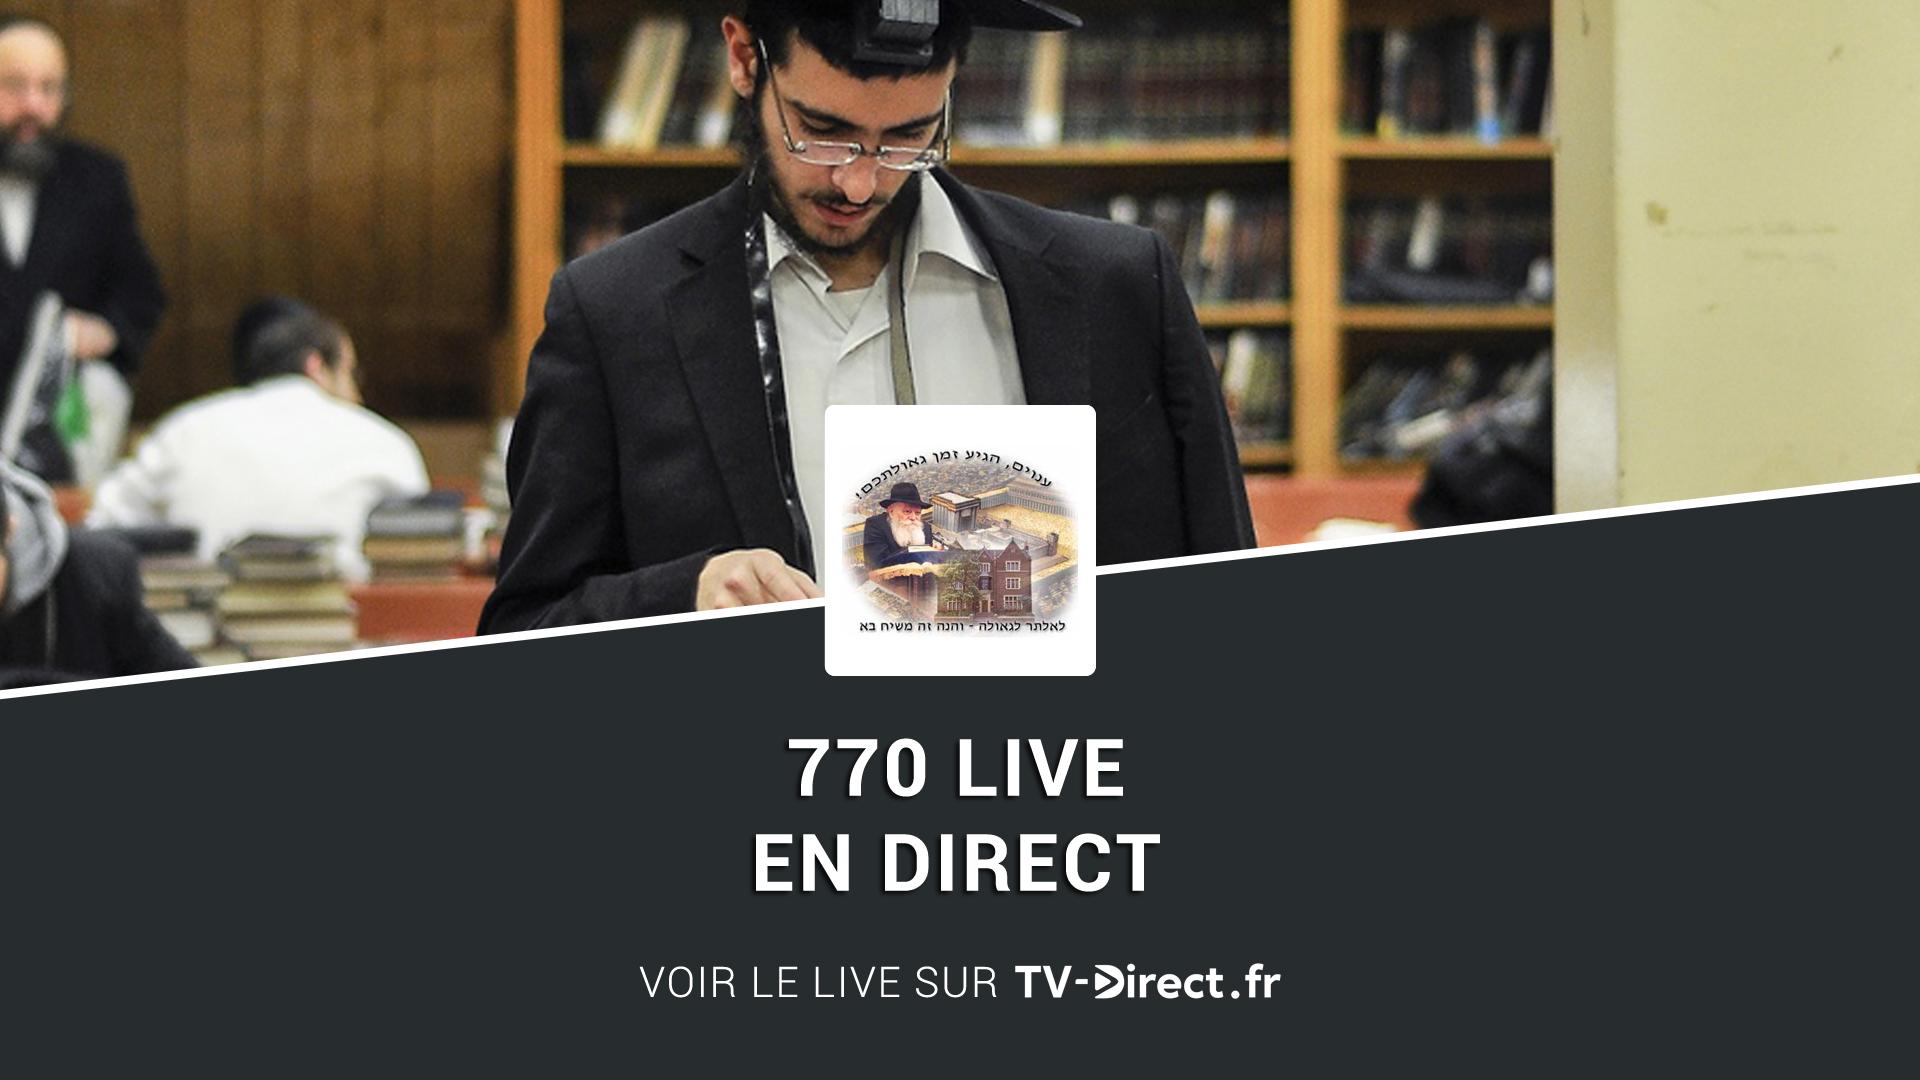 770 live direct regarder 770 live sur internet. Black Bedroom Furniture Sets. Home Design Ideas